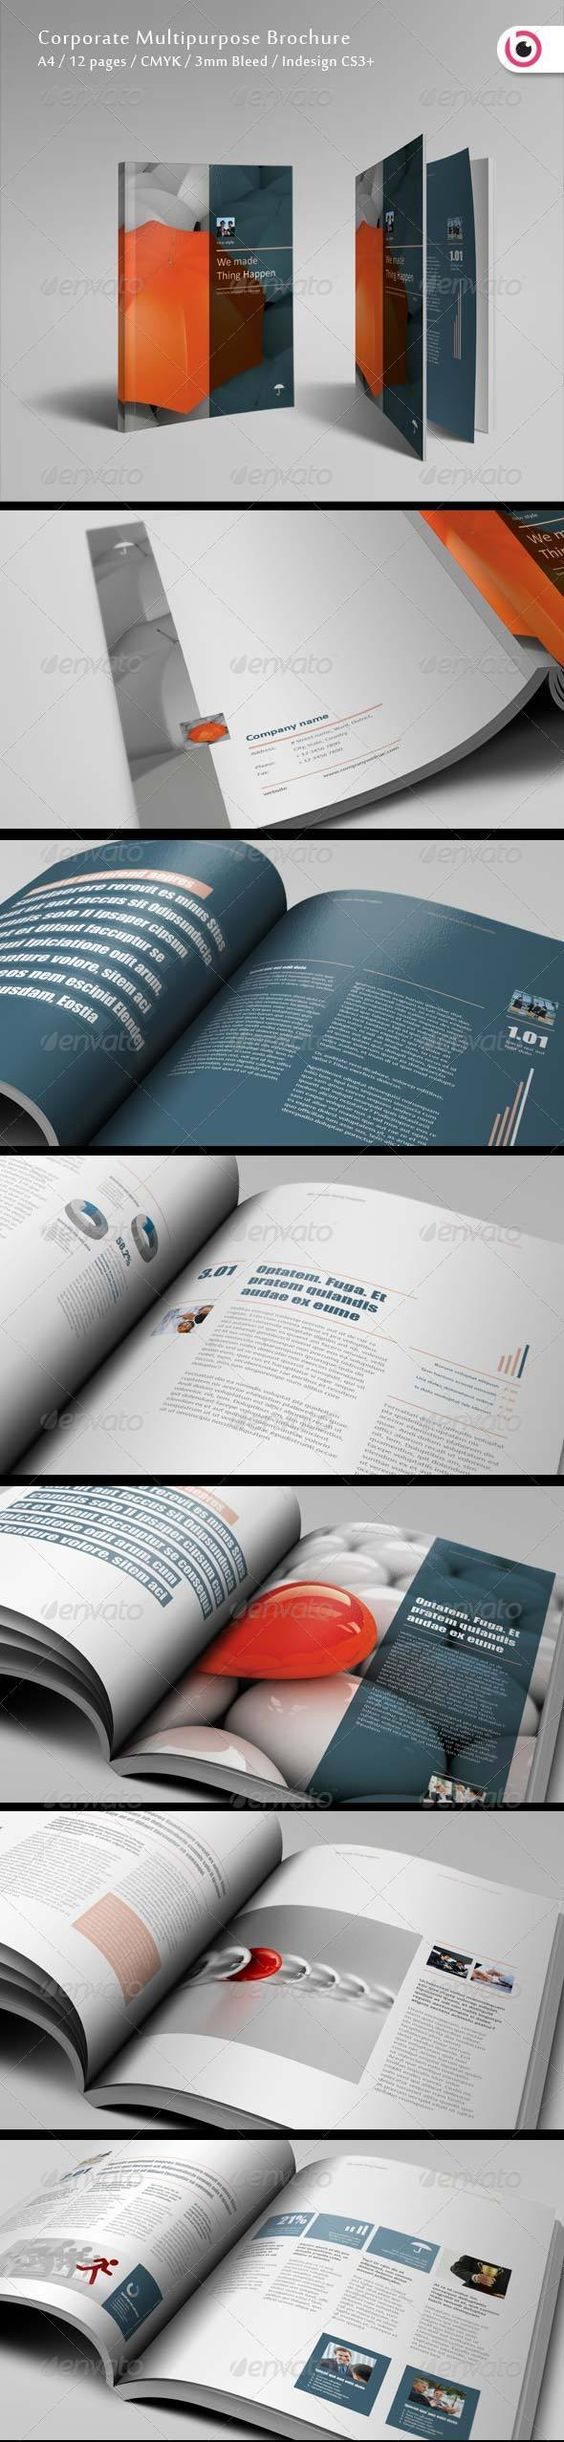 Corporate Multi-purpose Brochure